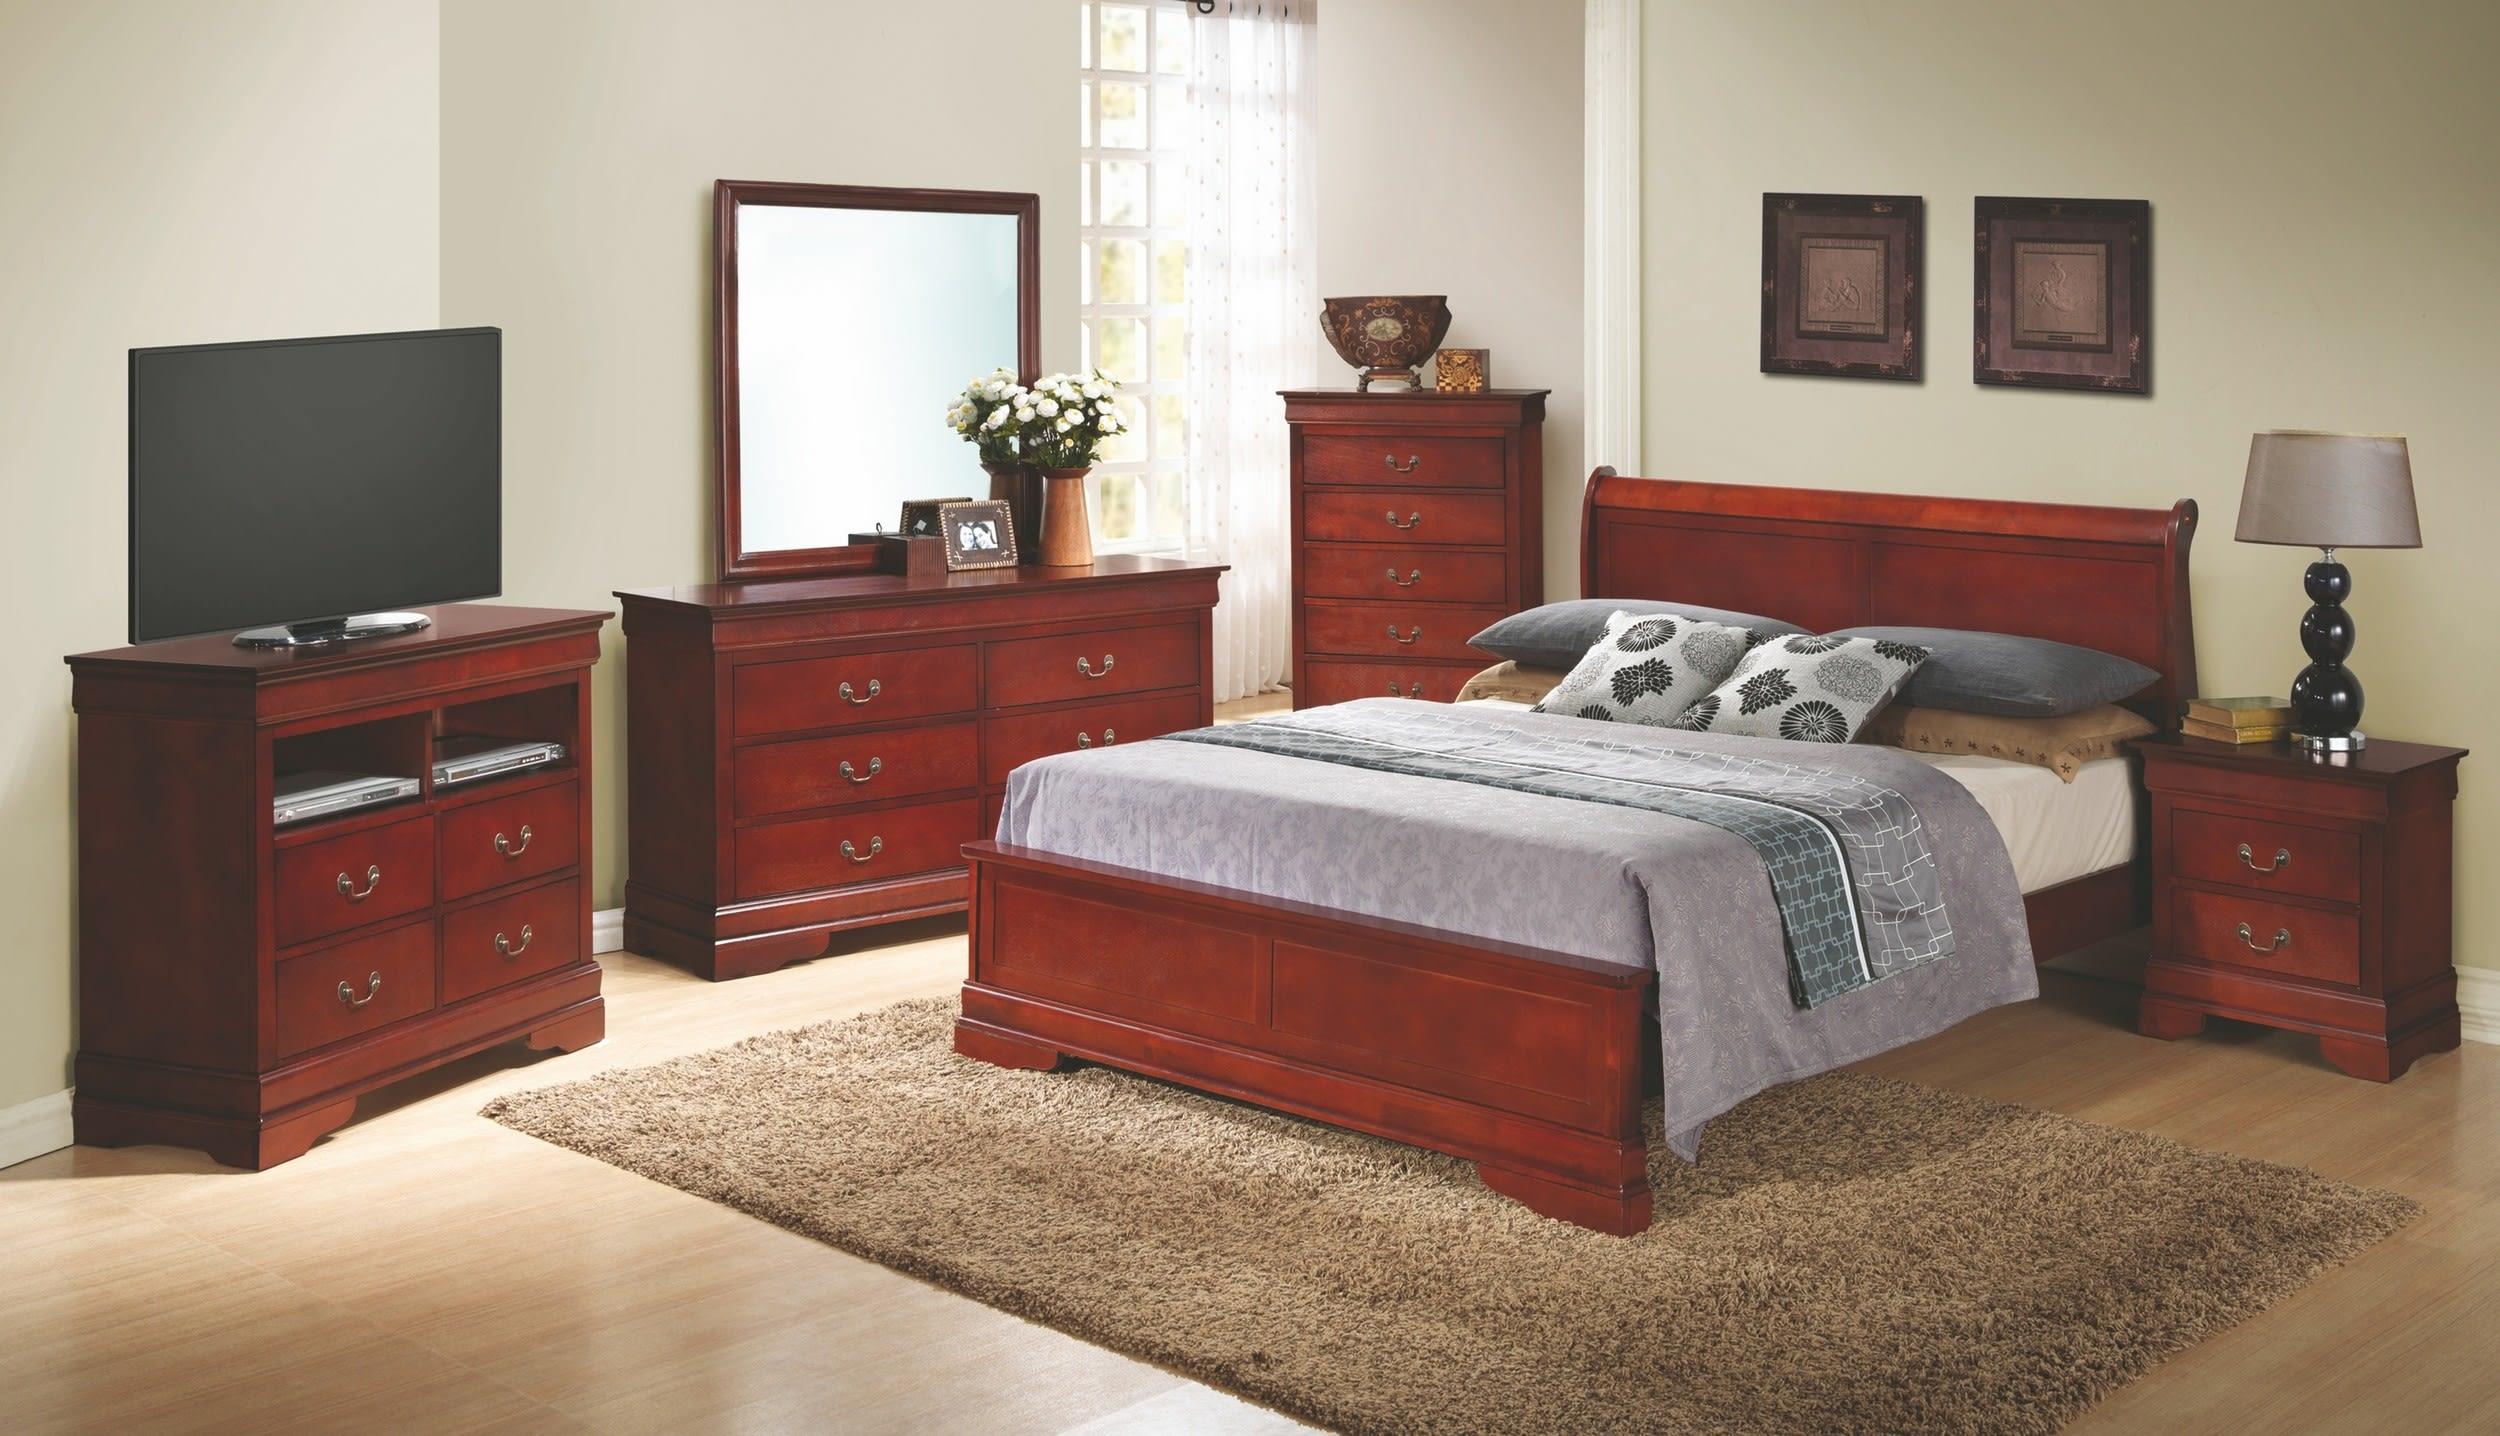 Glory Cherry Queen 6 Piece Bedroom Set With Sleigh Headboard